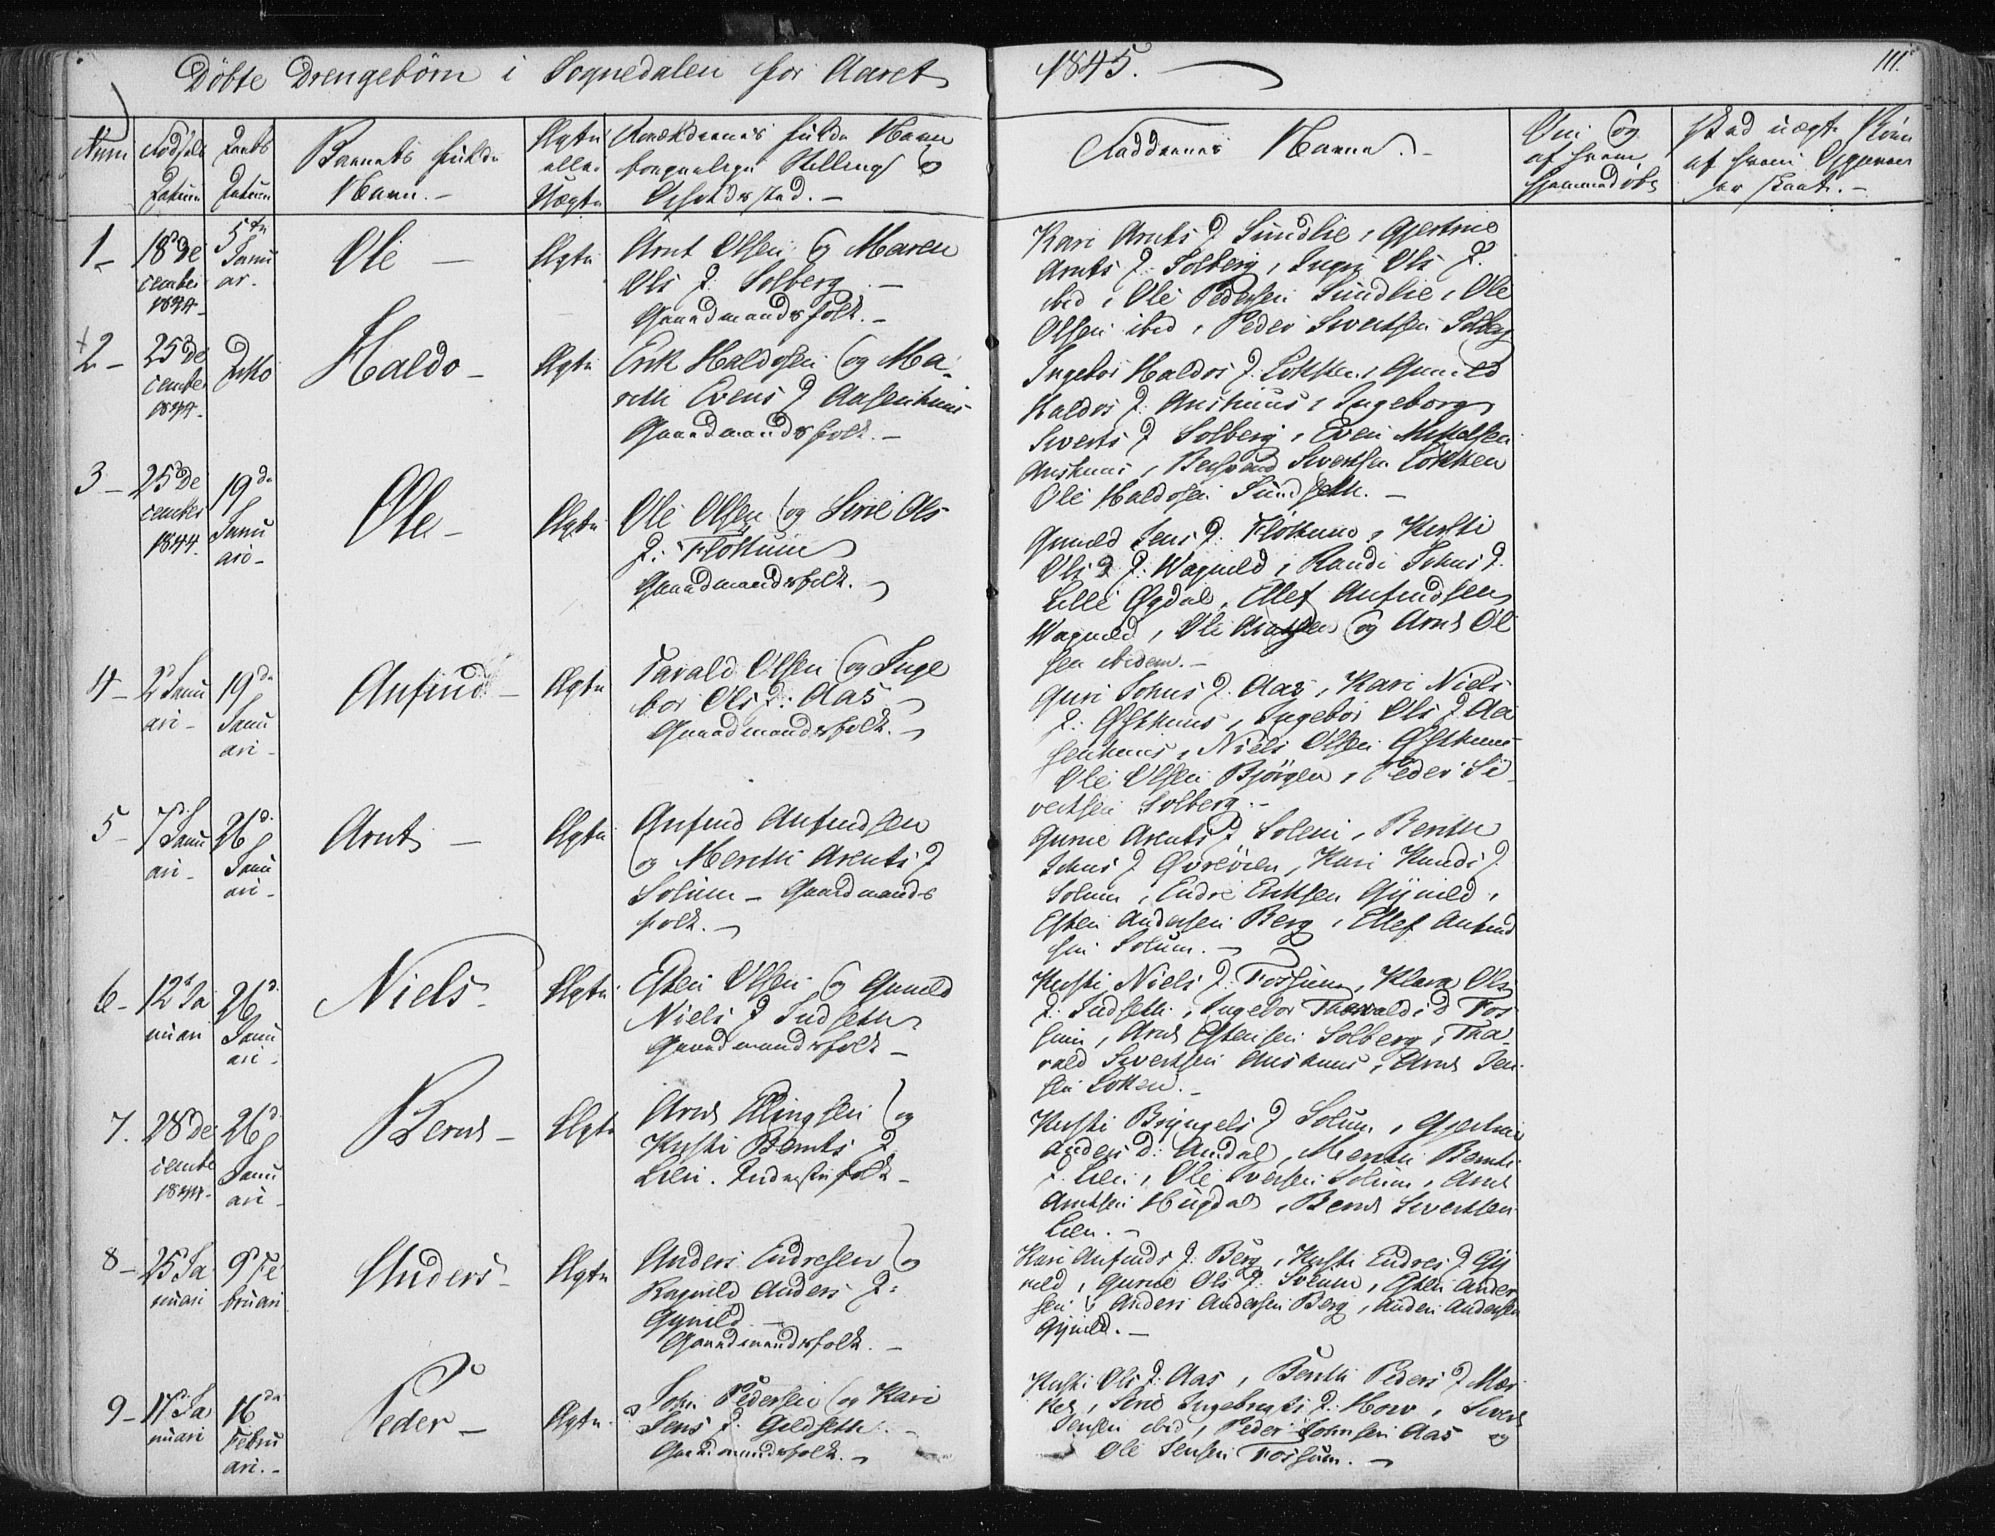 SAT, Ministerialprotokoller, klokkerbøker og fødselsregistre - Sør-Trøndelag, 687/L0999: Ministerialbok nr. 687A05 /3, 1843-1848, s. 111